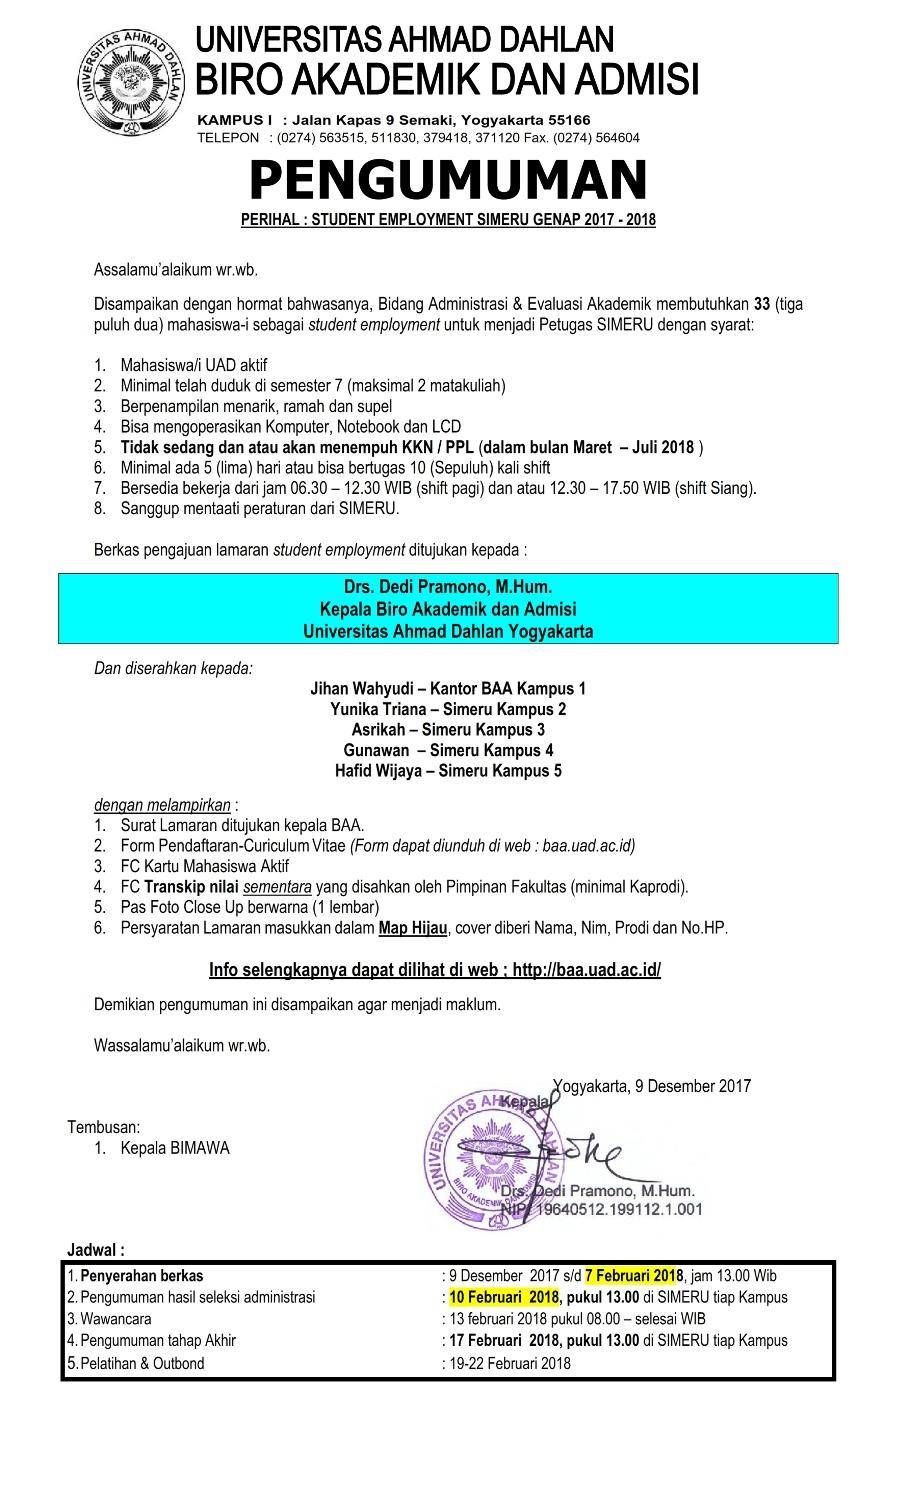 form pengumuman rekruitmen SIMERU Genap 2017-2018 revisi